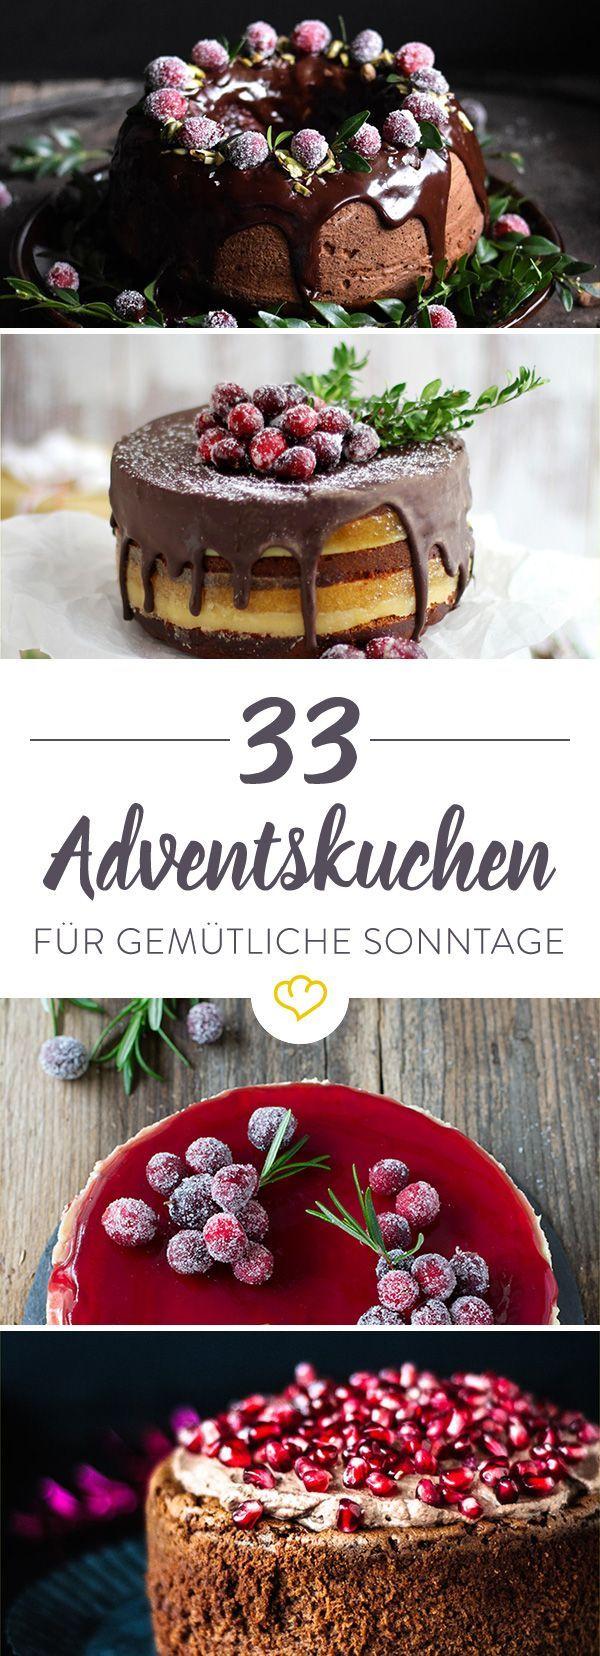 Advent, Advent, ein Lichtlein brennt. Mach's dir mit deinen Lieben mit süßen Kuchen am Adventstisch gemütlich. Denn süßer die Kuchen nie schmecken!